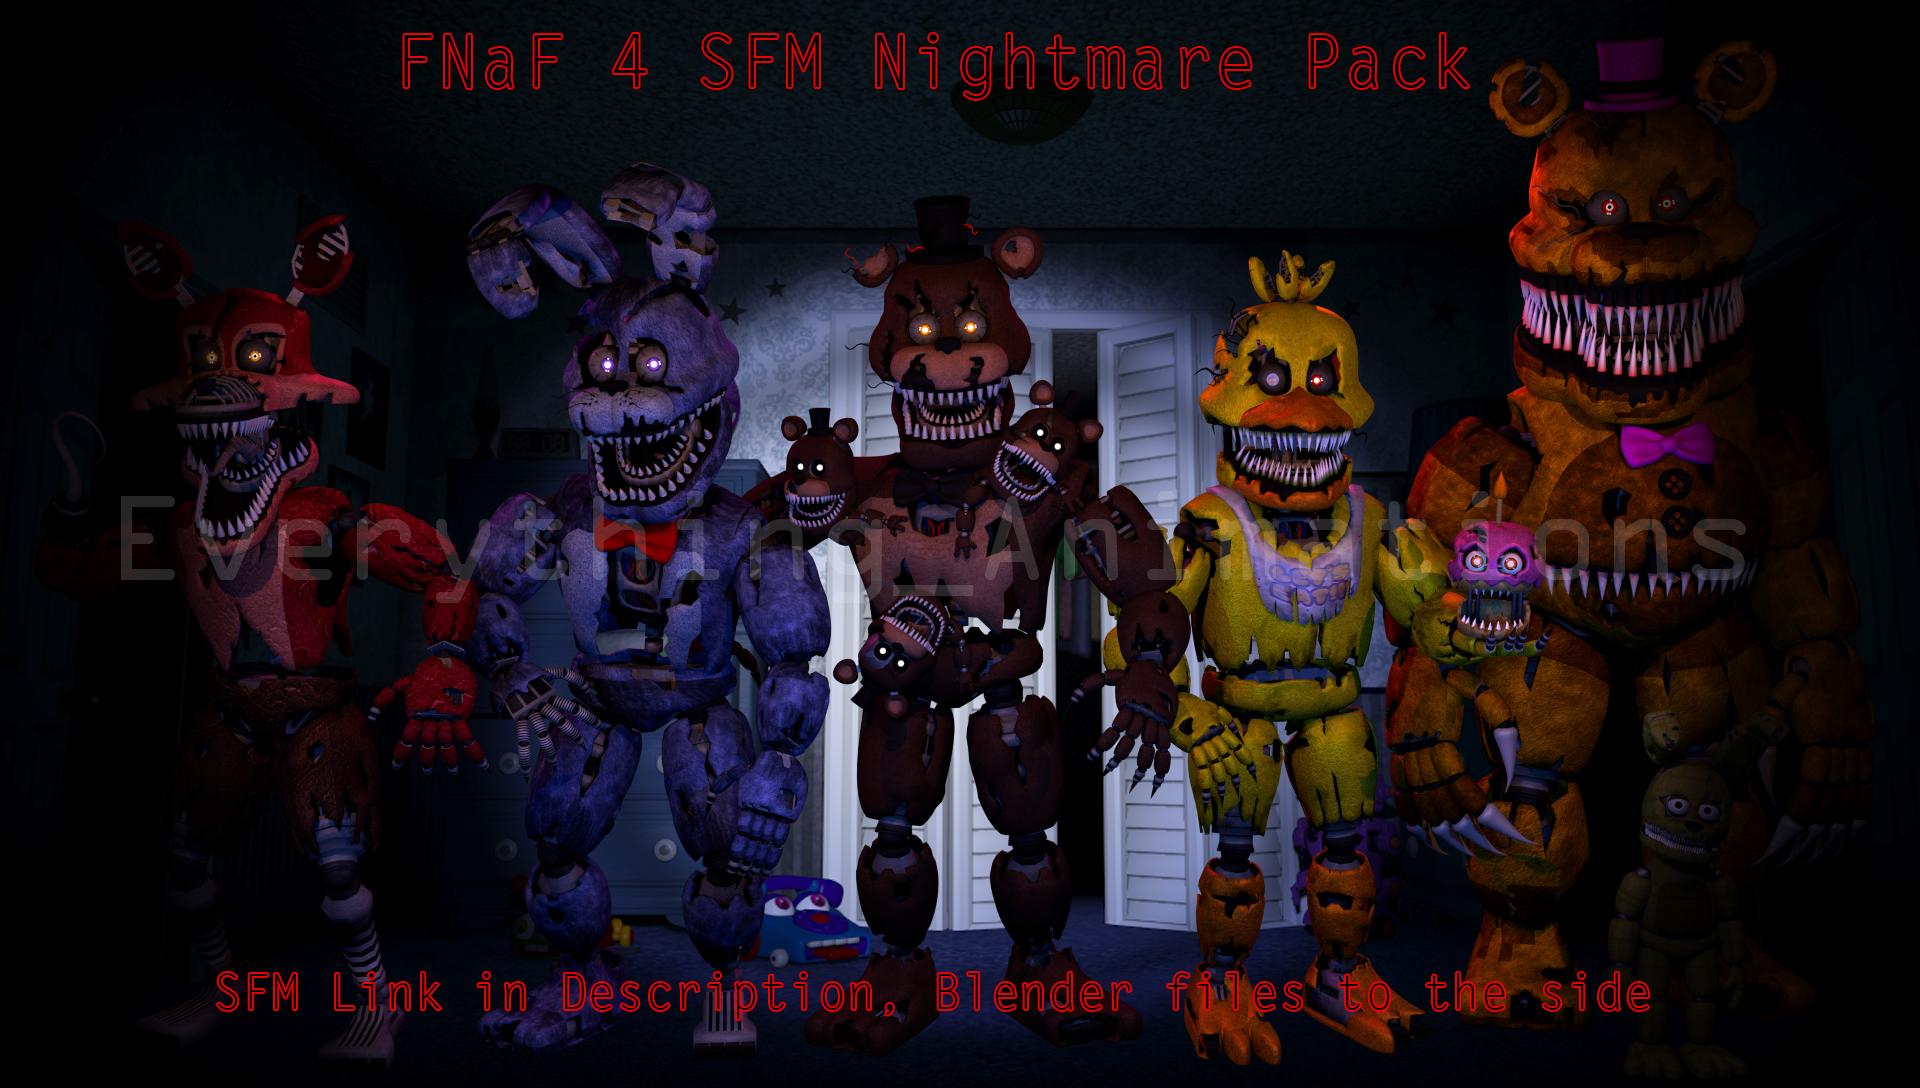 Fnaf 4 sfm pack sfm in des blend files to side by